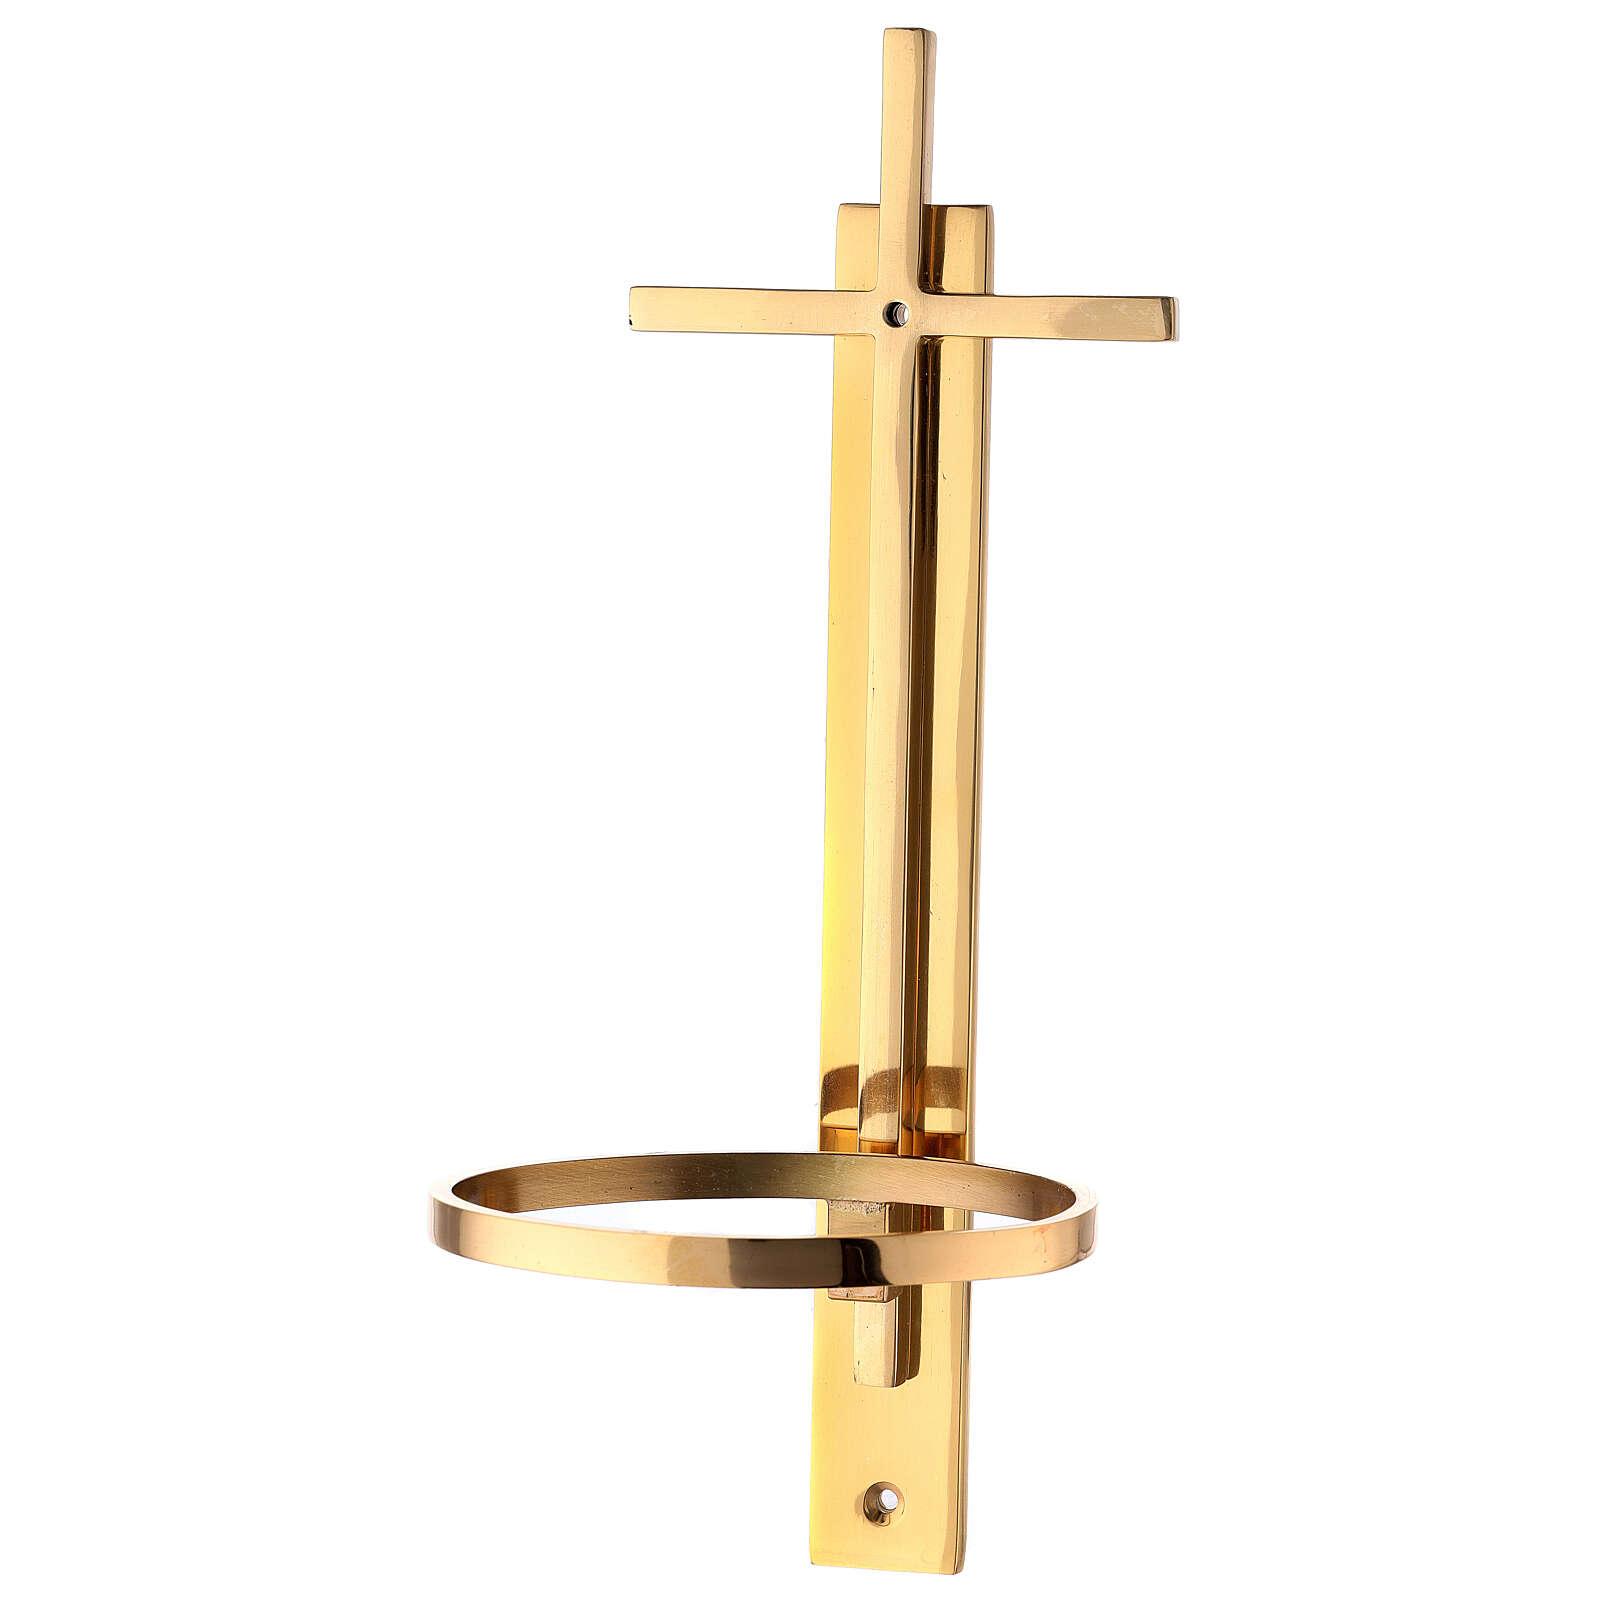 Pila cruz plana latón dorado 31 cm 4